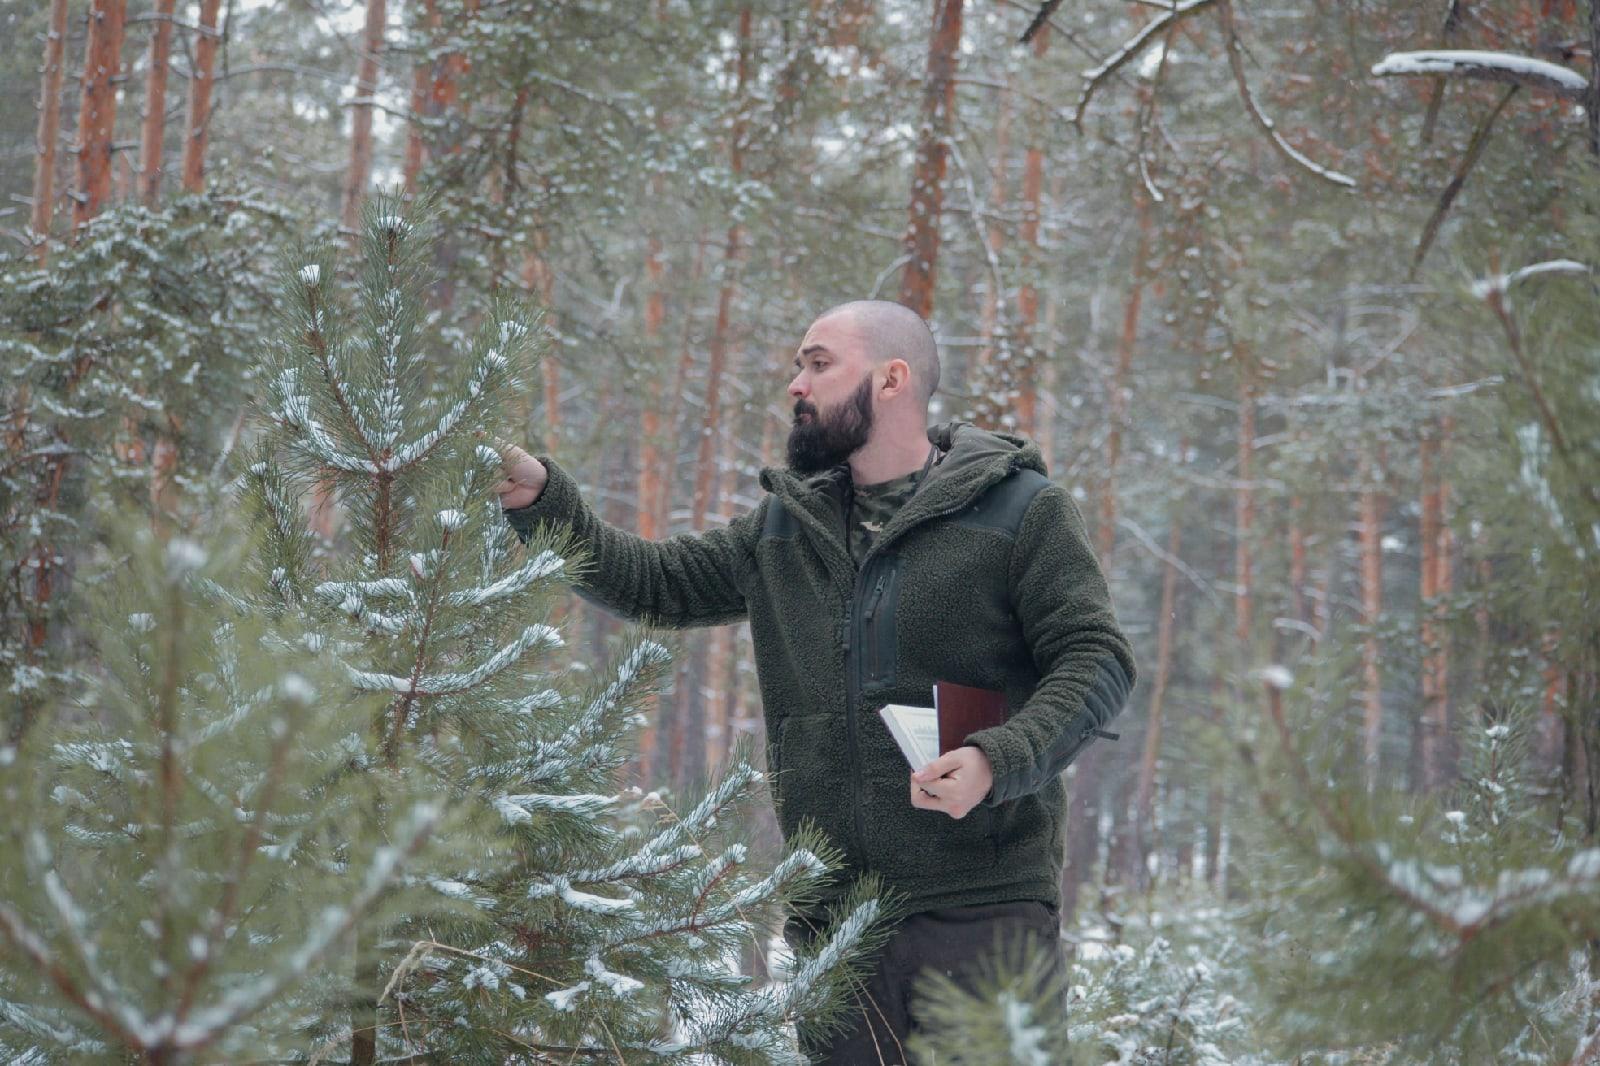 Павел Пашков: размышления о запрете охоты на дикого зверя